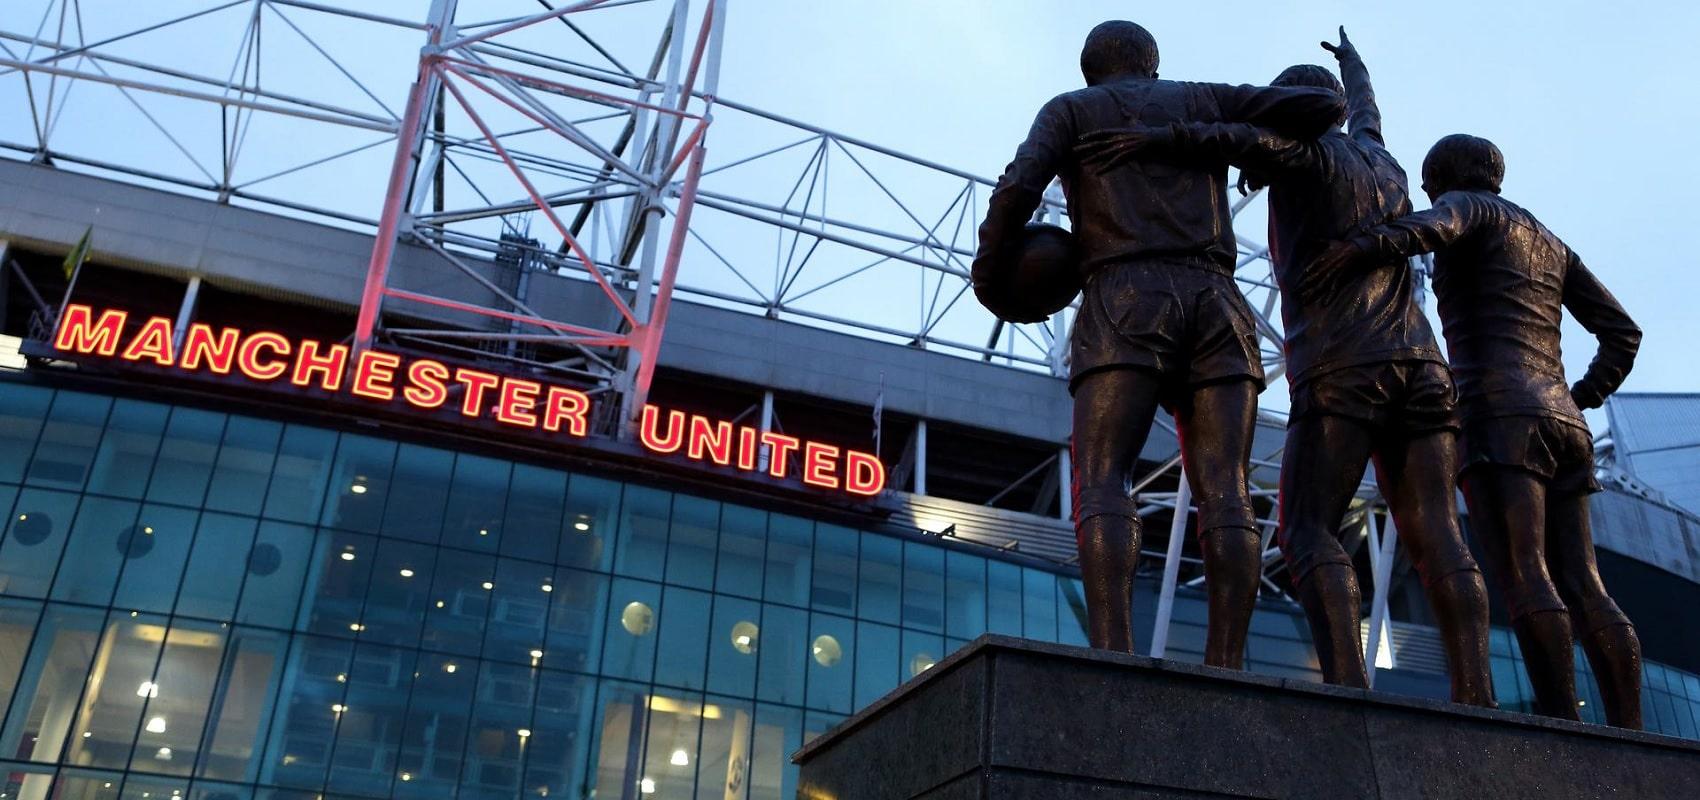 Ranking najlepszych Skandynawów w historii Manchesteru United   ManUtd.pl - Serwis kibiców klubu Manchester United